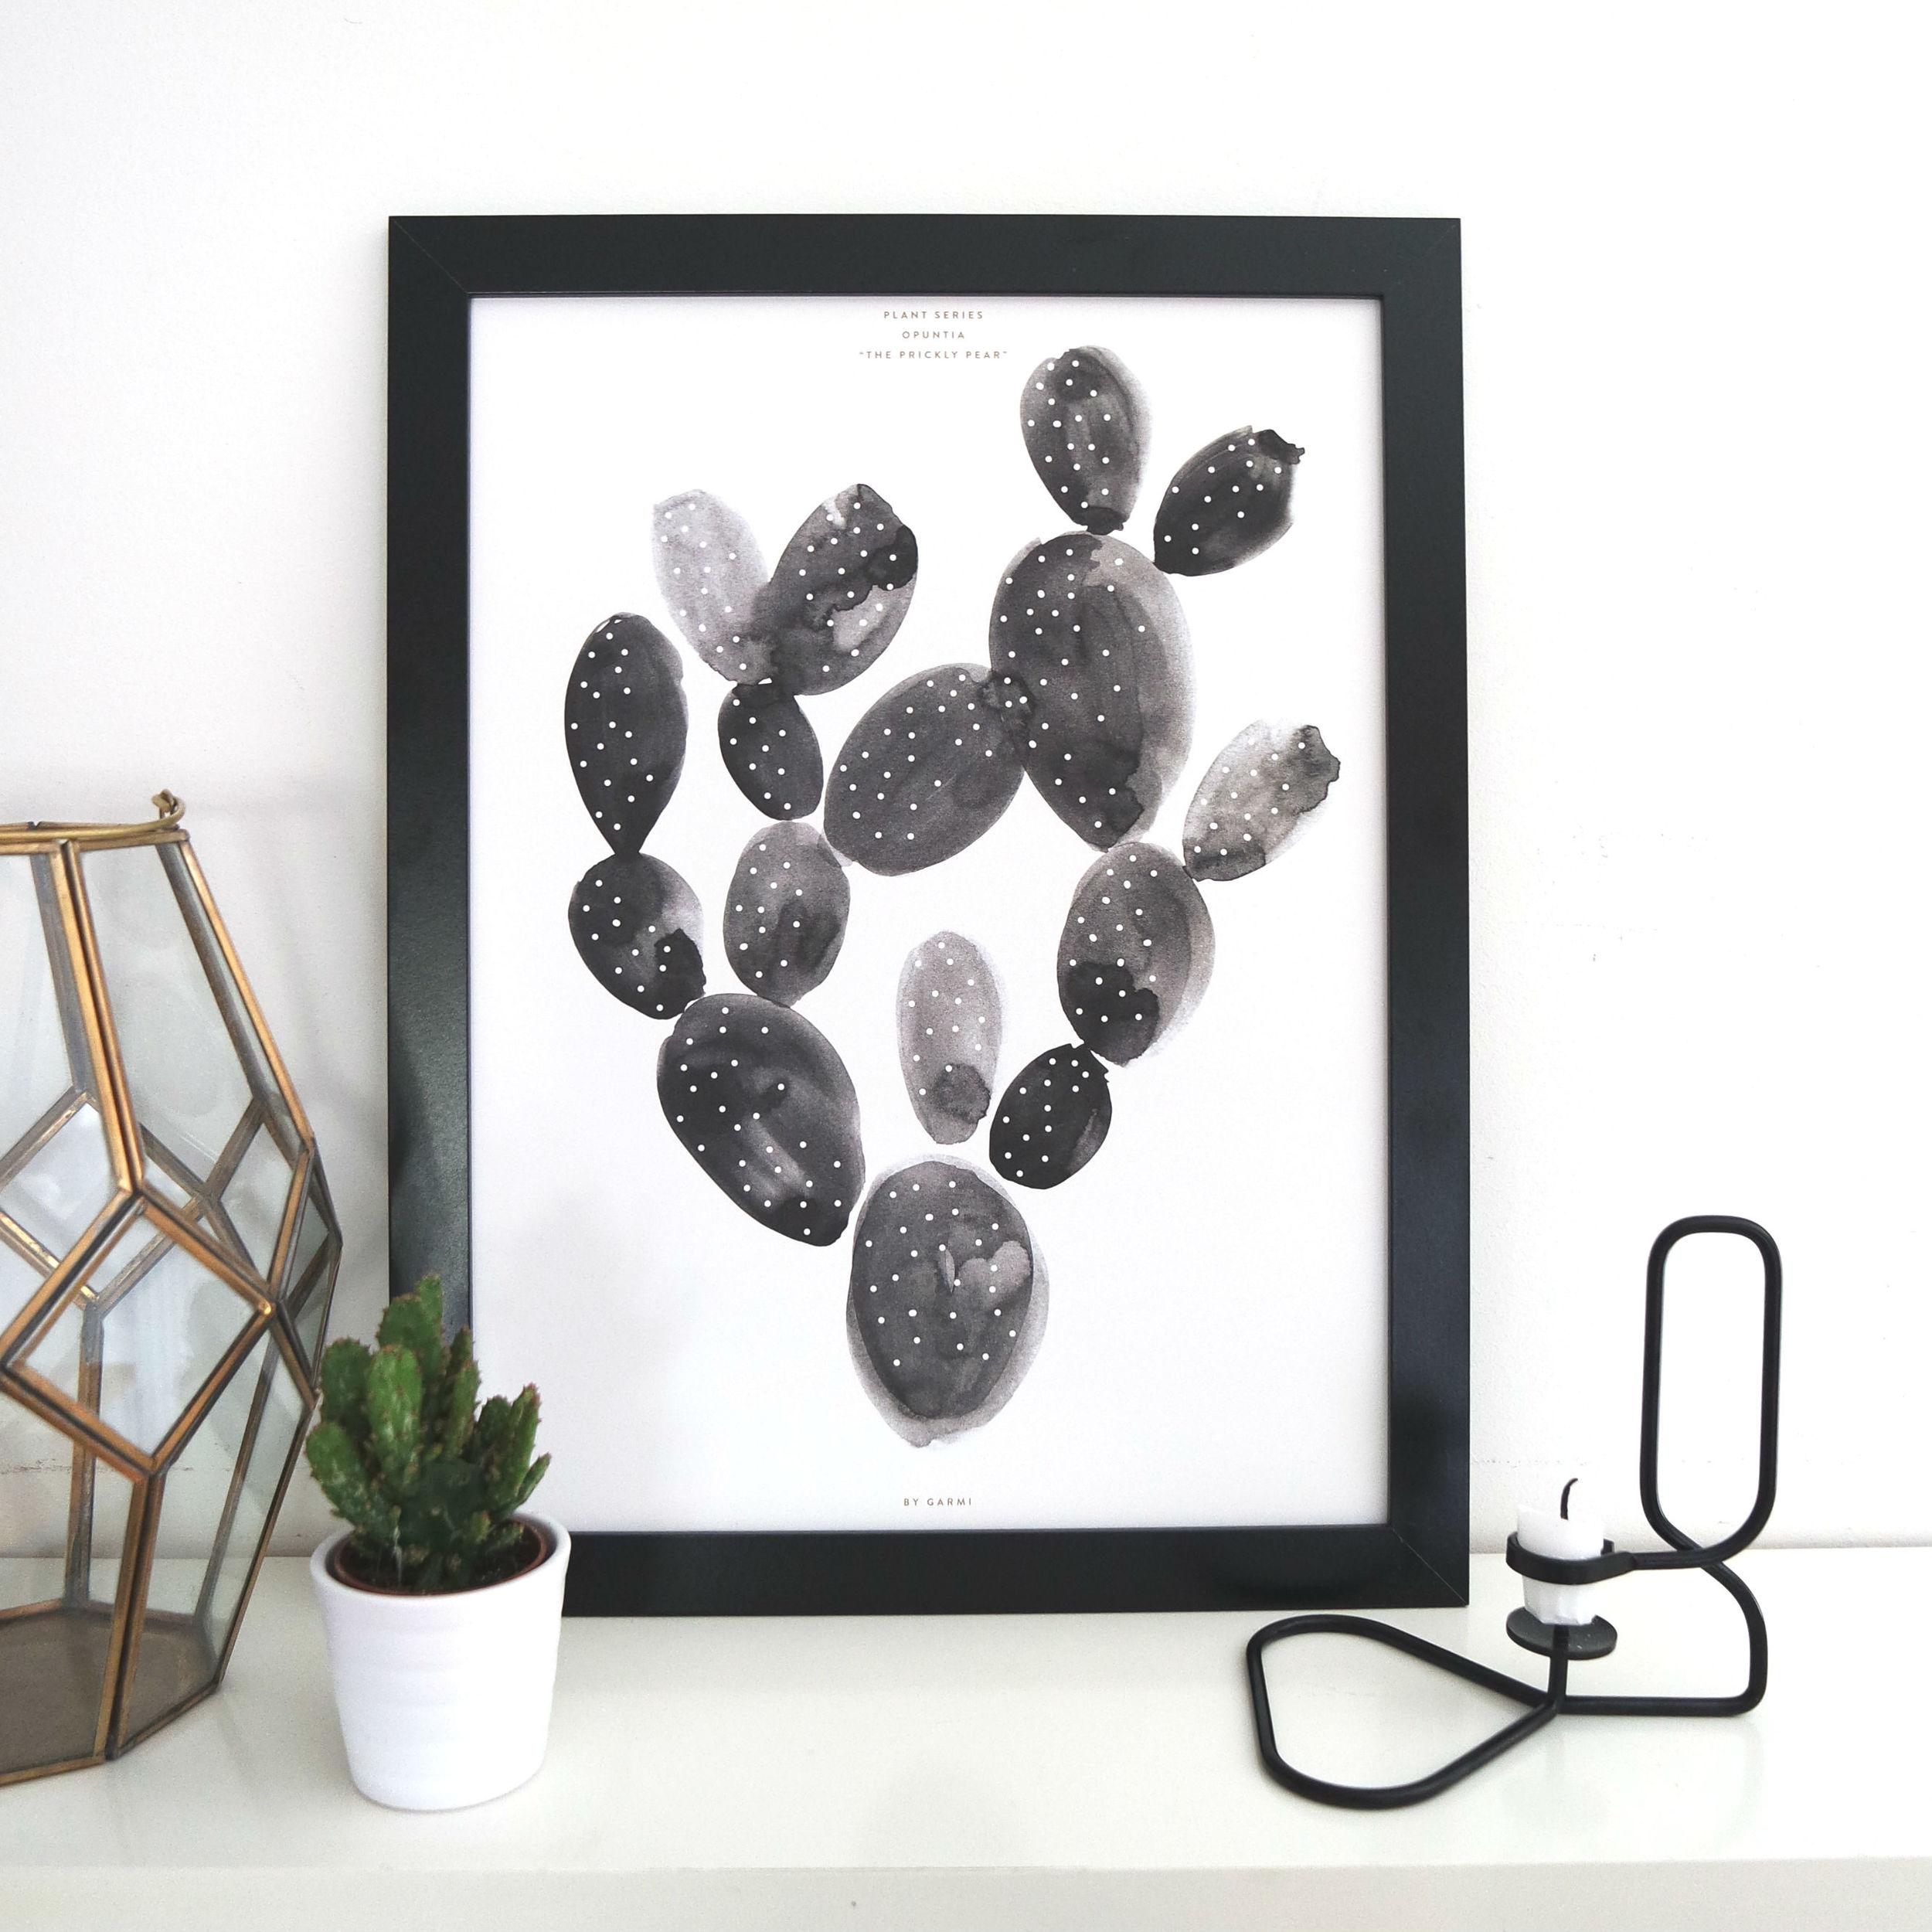 Cactus Print // £25.00